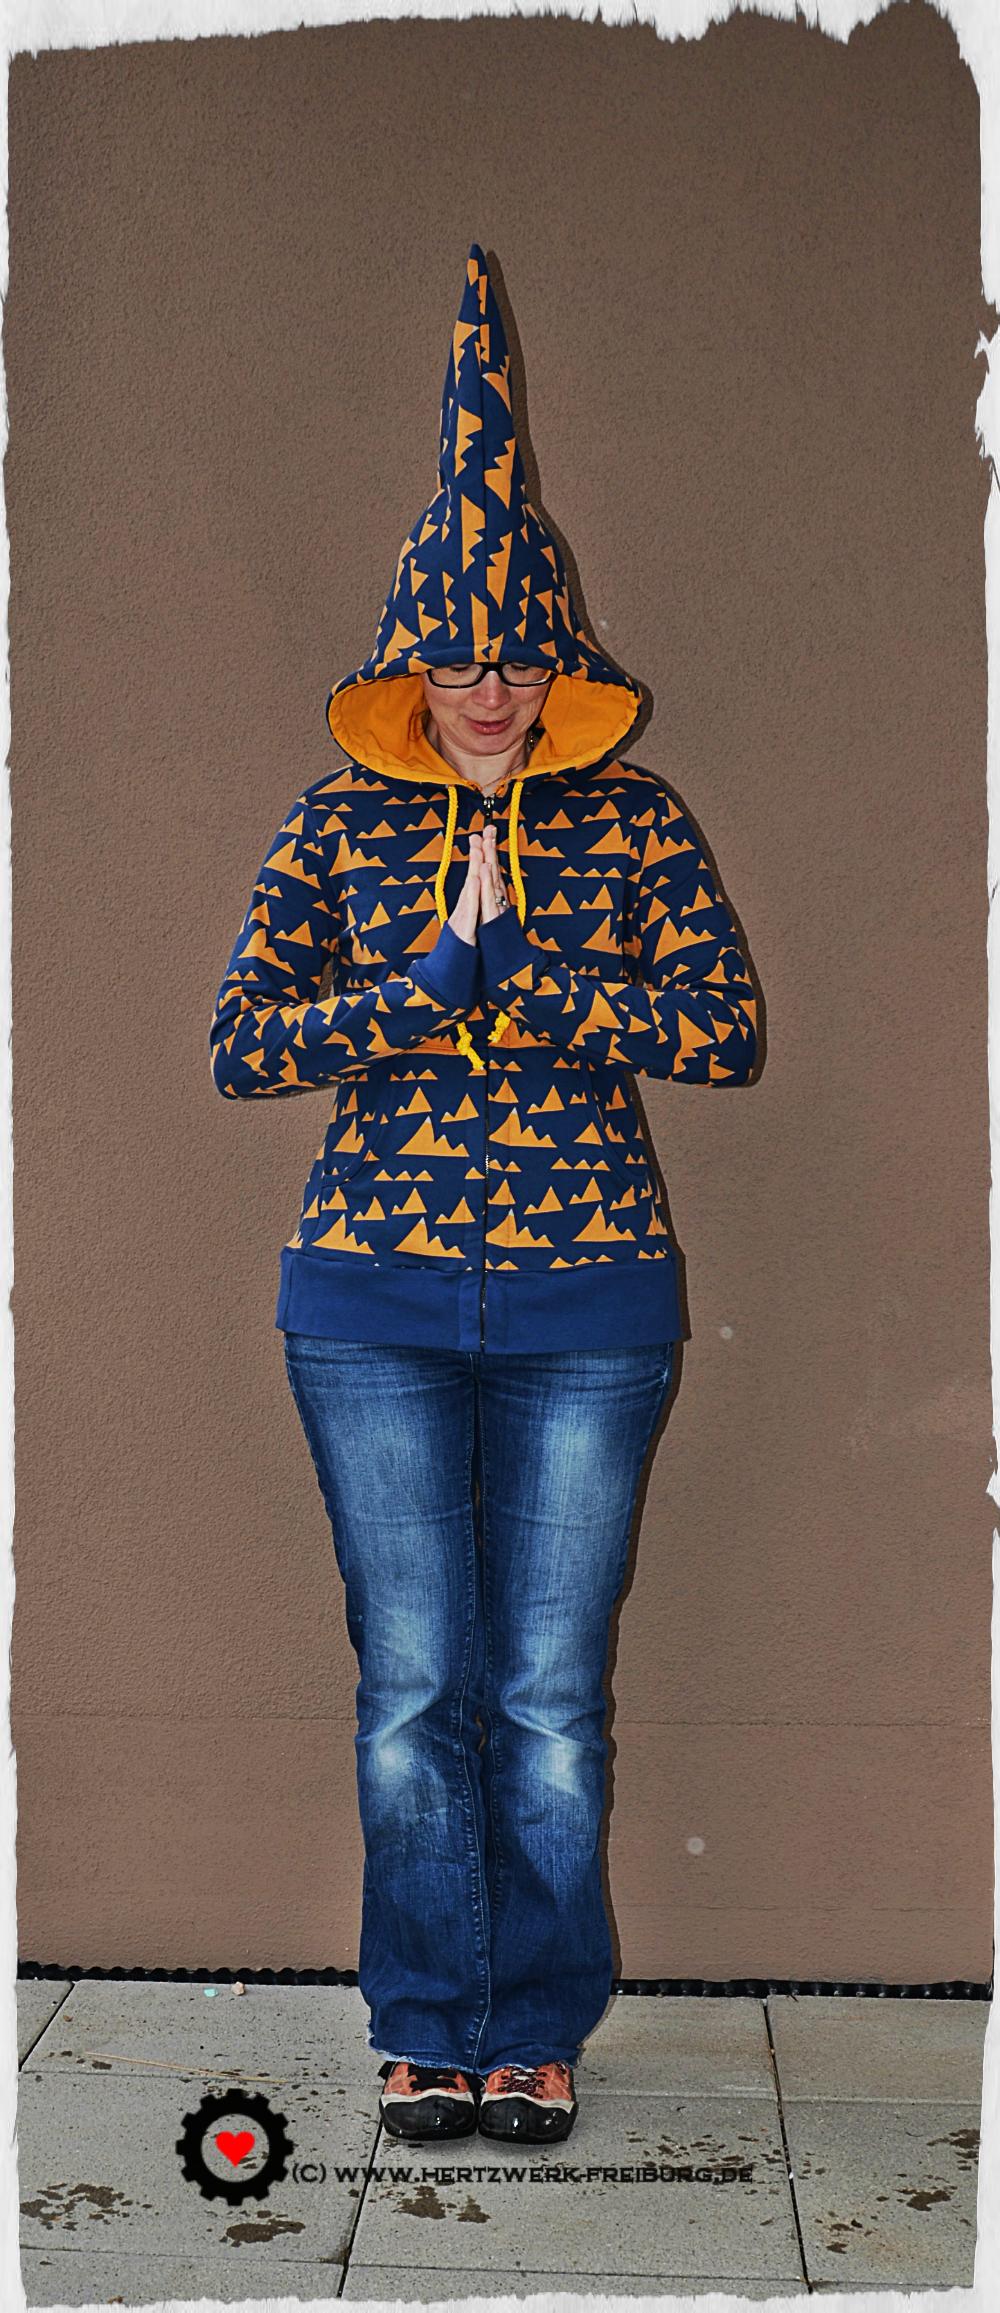 The Otari Hoodie by Scroop Patterns, sewn by Hertzwerk - Freiburg